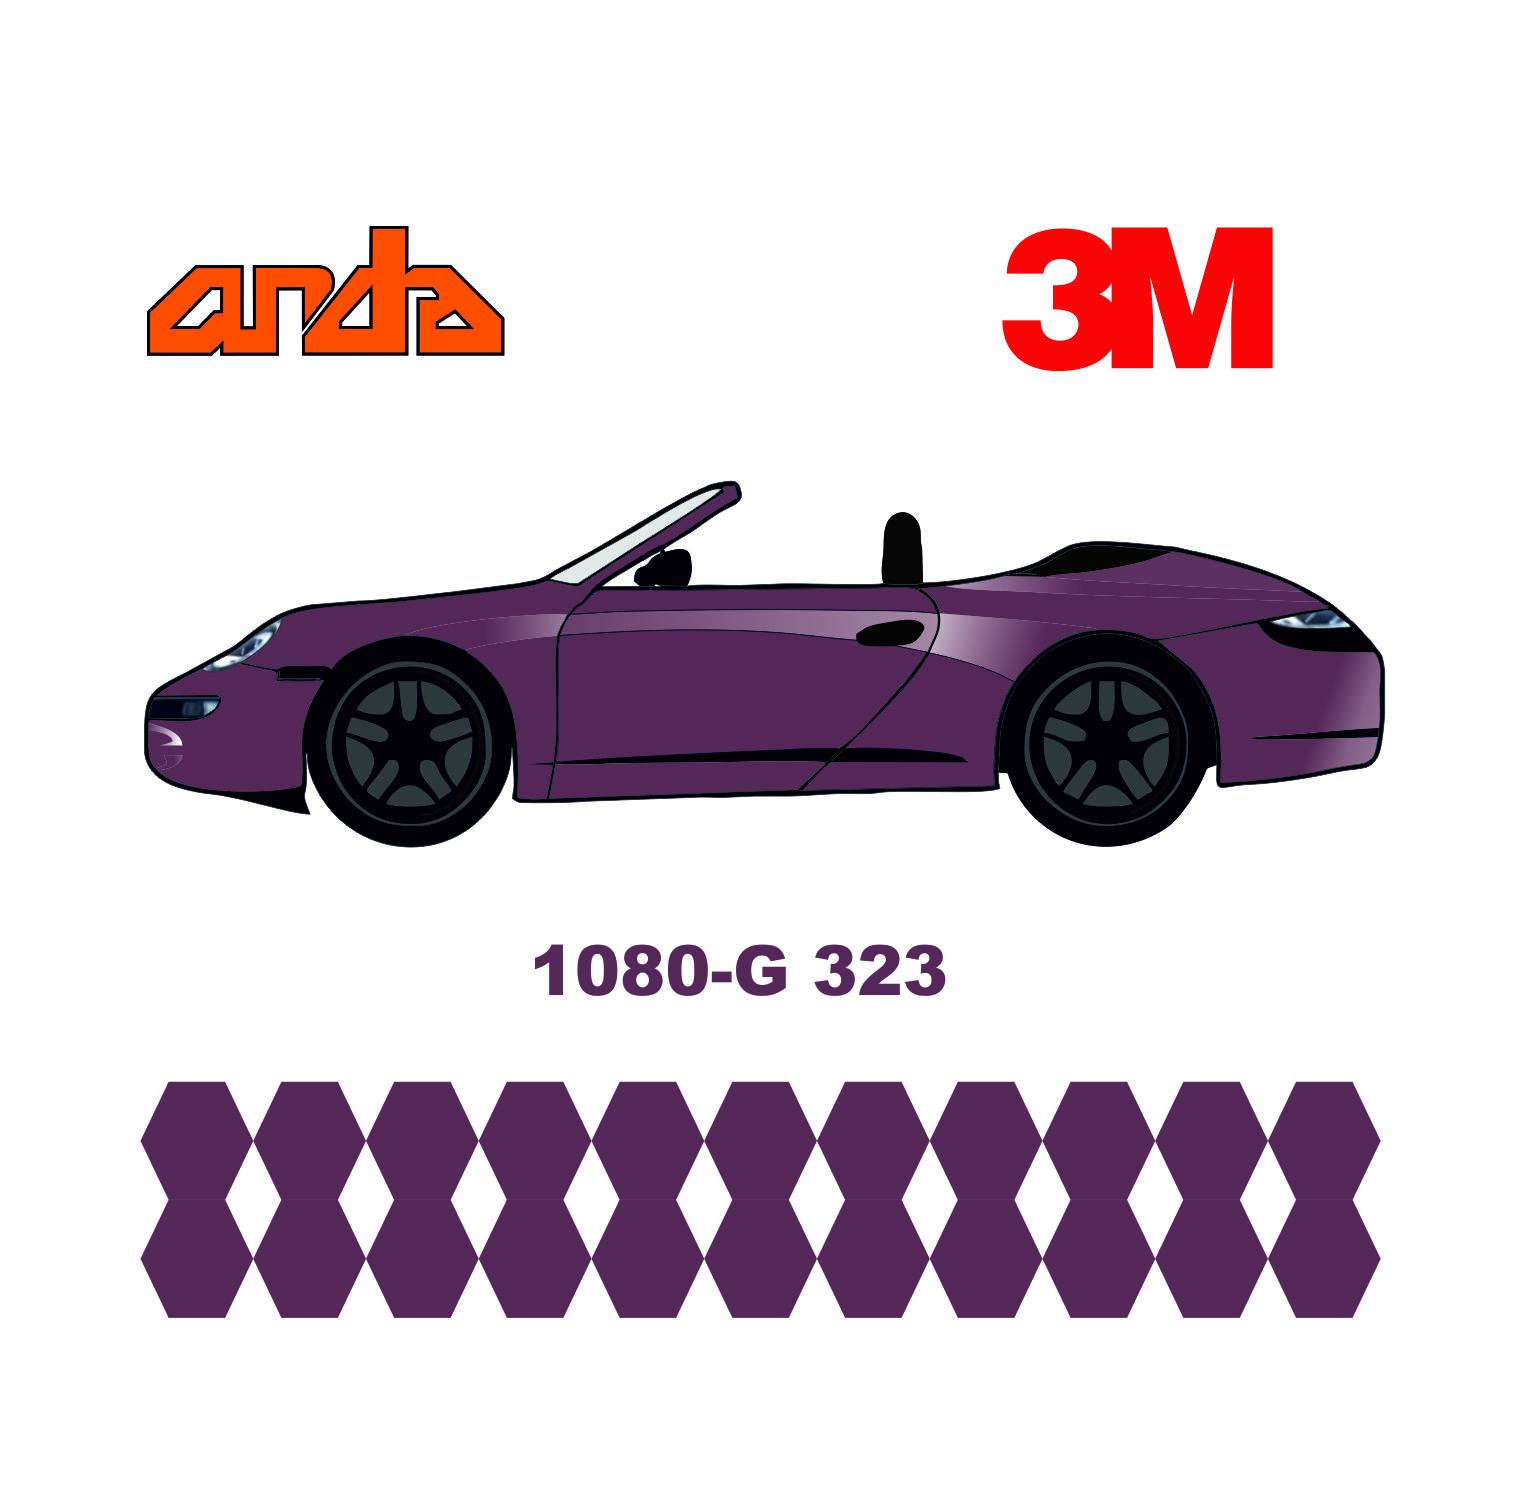 3M 1080-G323 Parlak Pembe Frambuaz 1